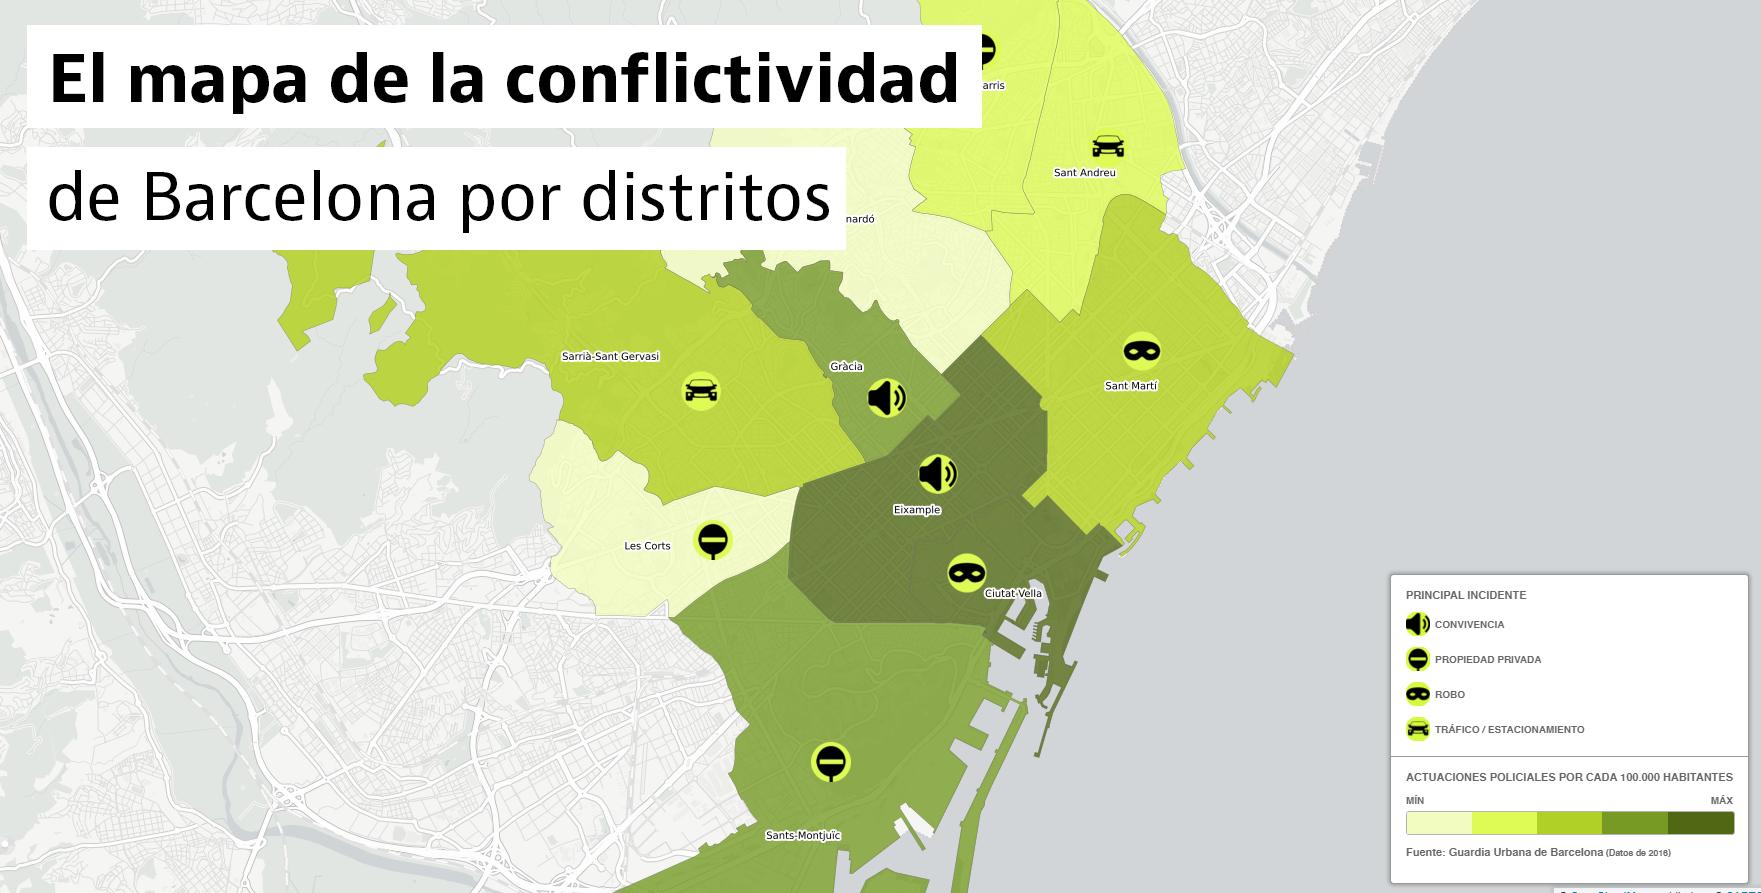 Conoce los distritos más conflictivos y pacíficos de Barcelona